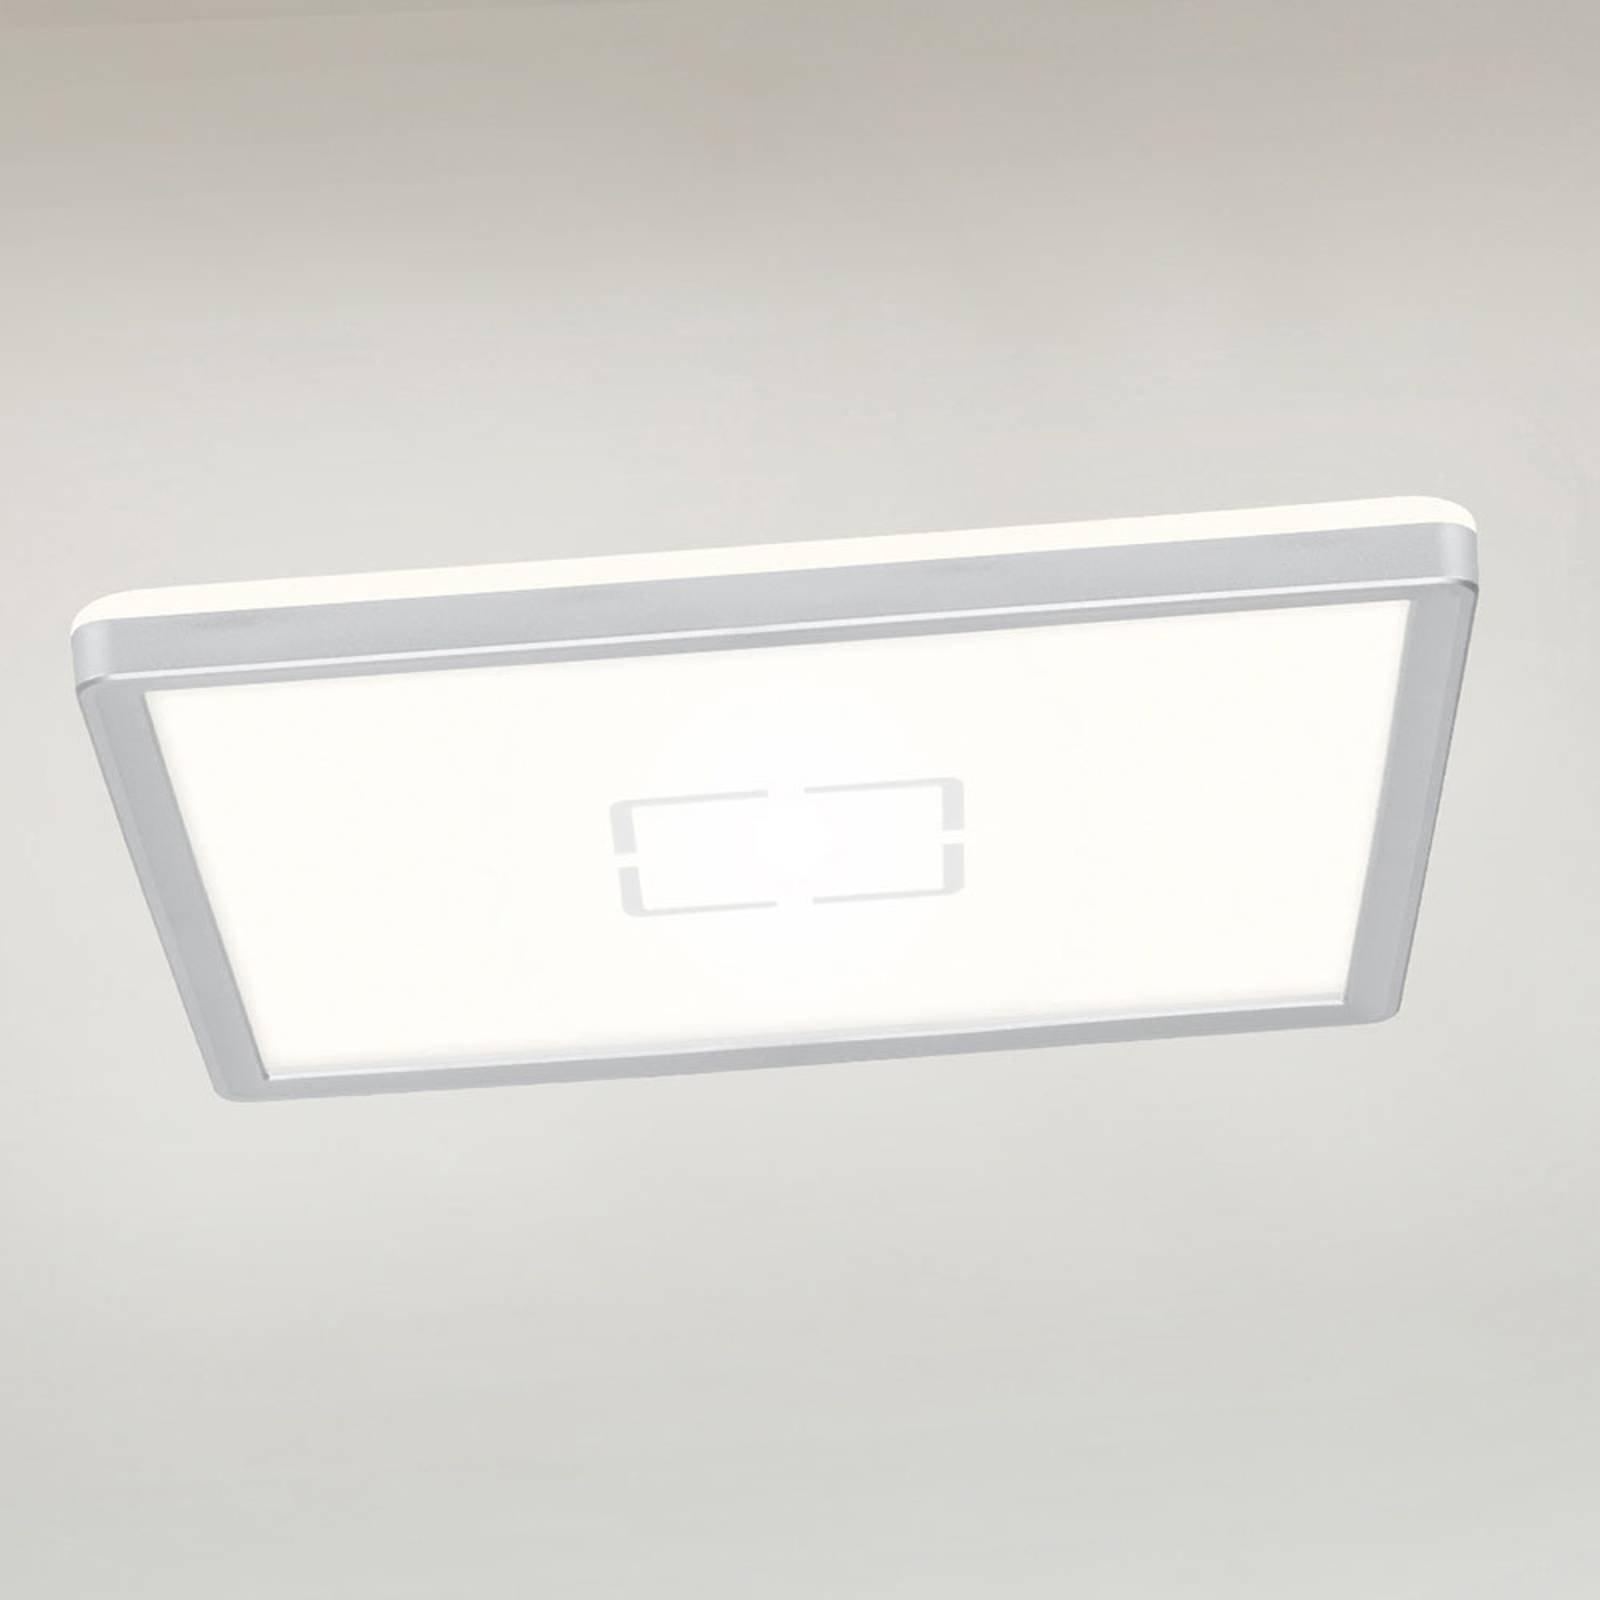 LED-taklampe Free 29 x 29 cm, sølv